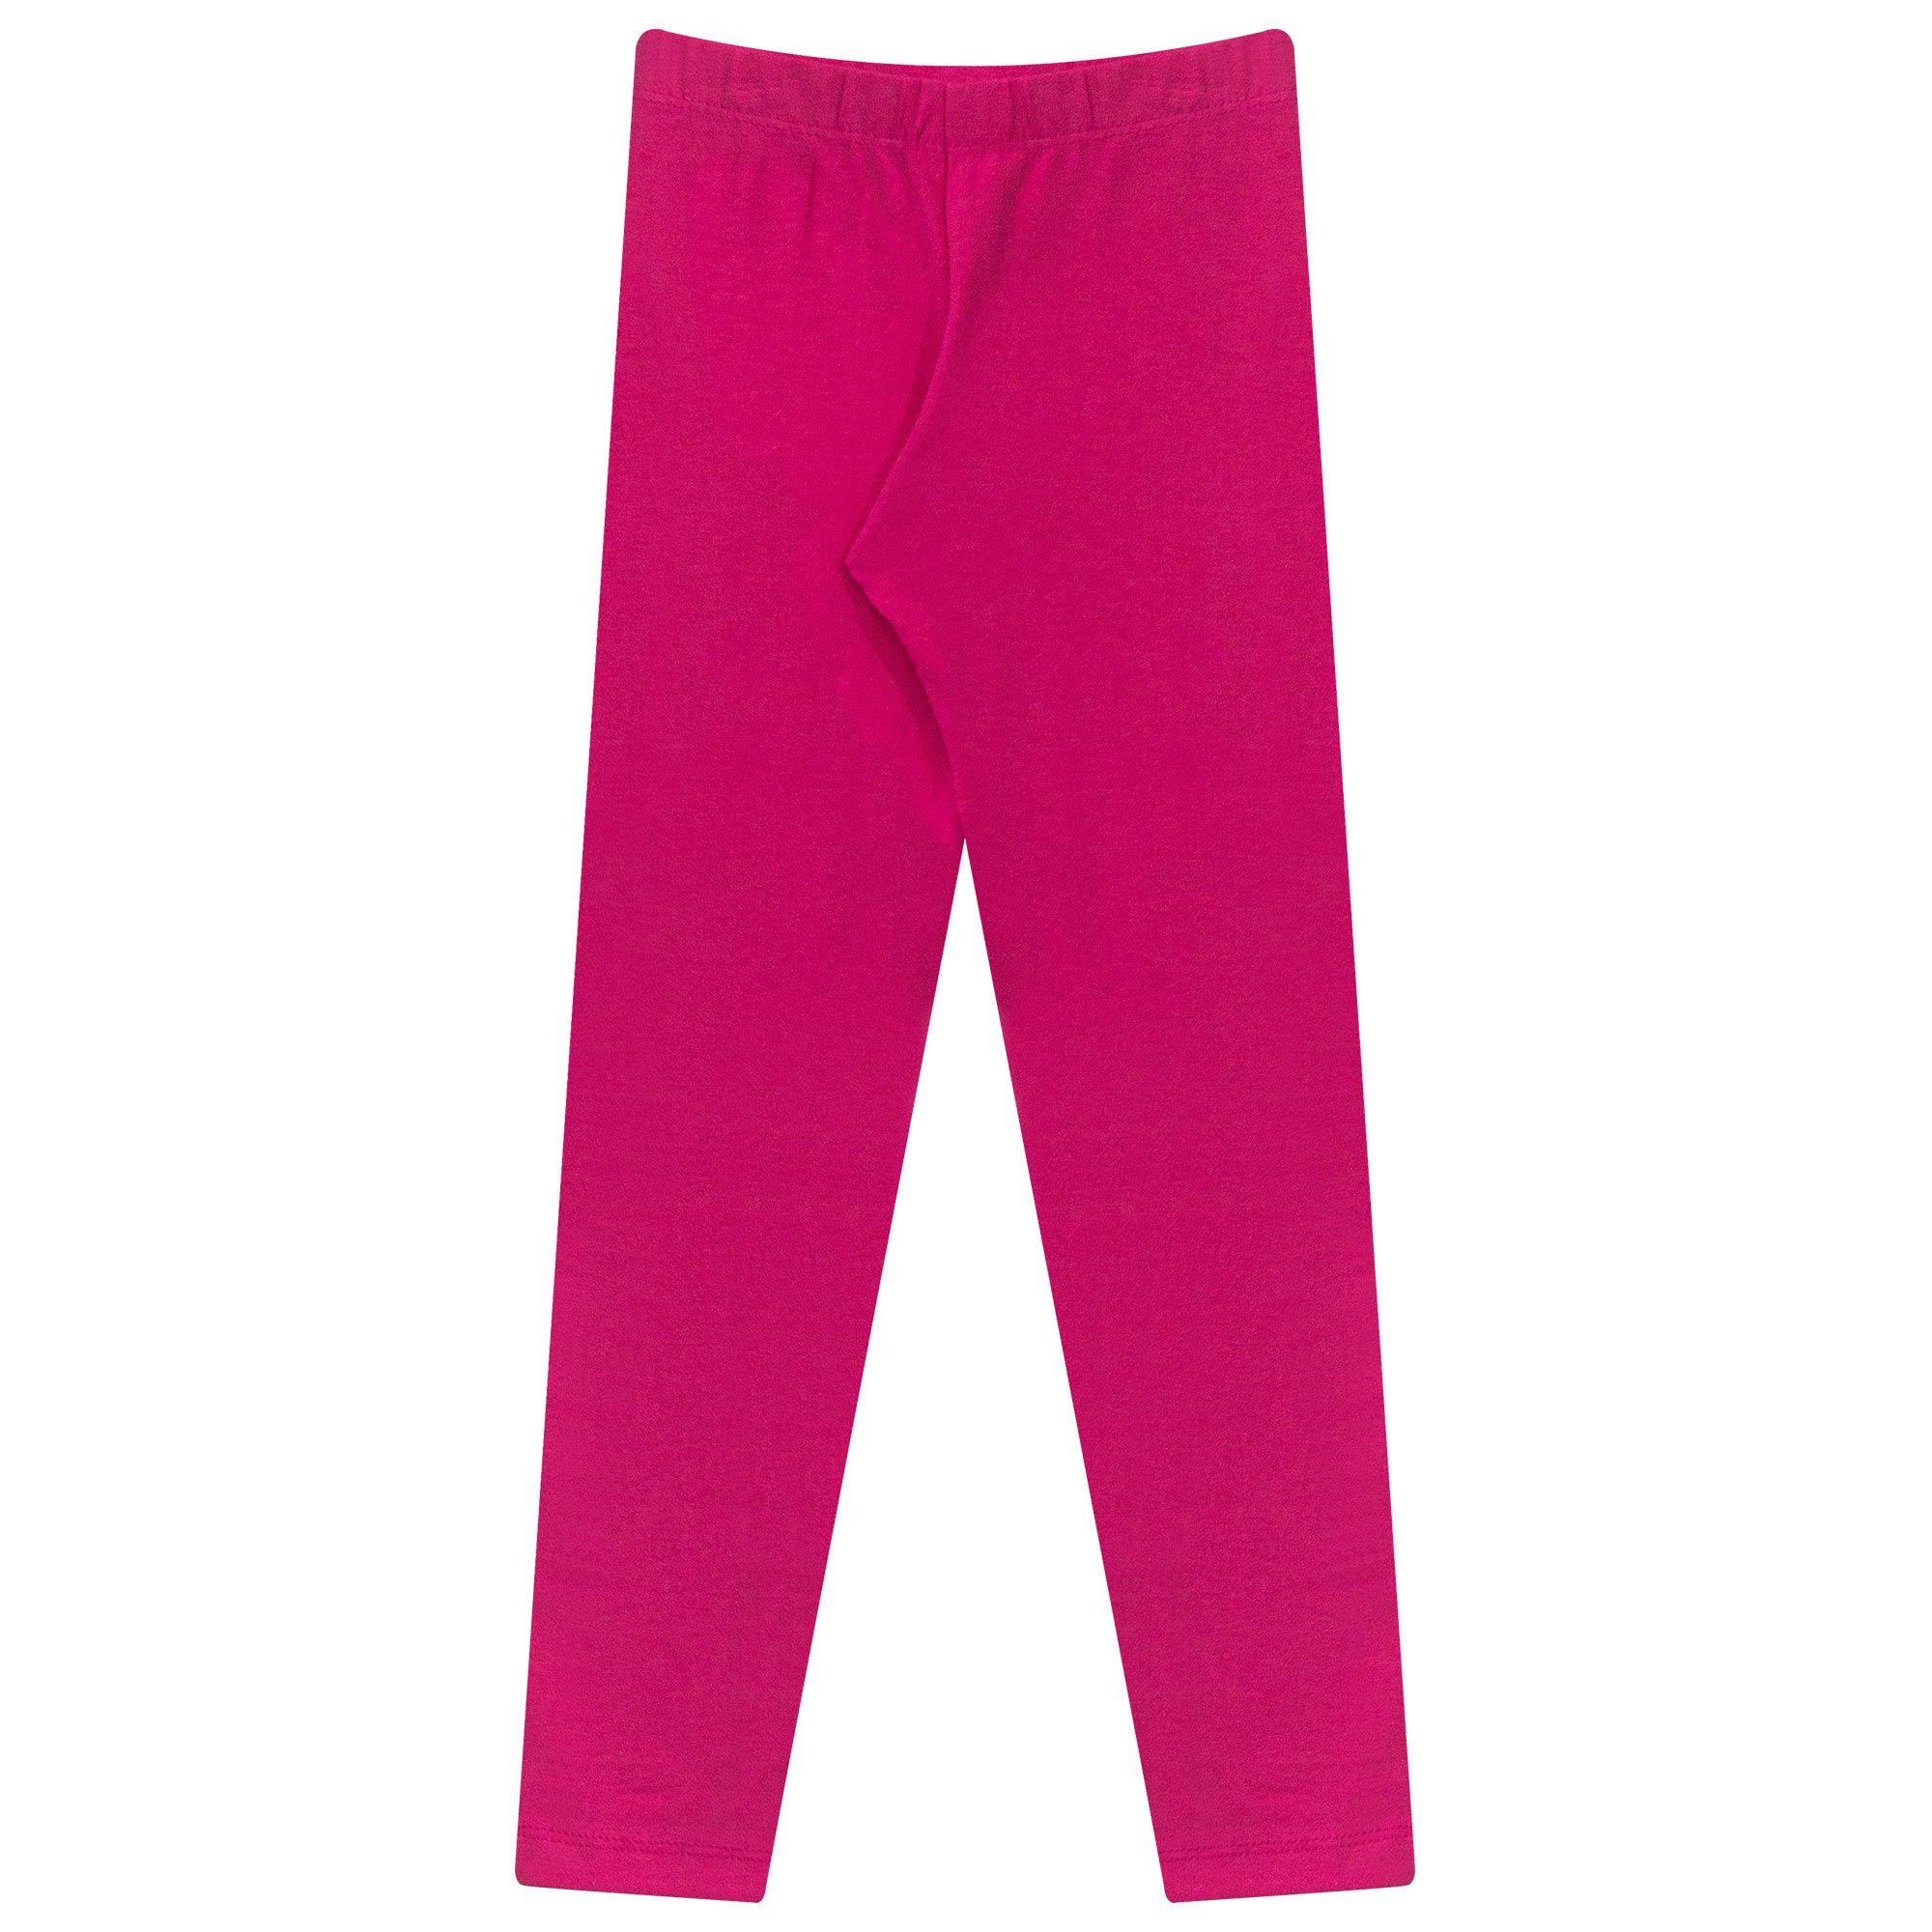 Legging Infantil Feminina - Ref 5008 - Pink